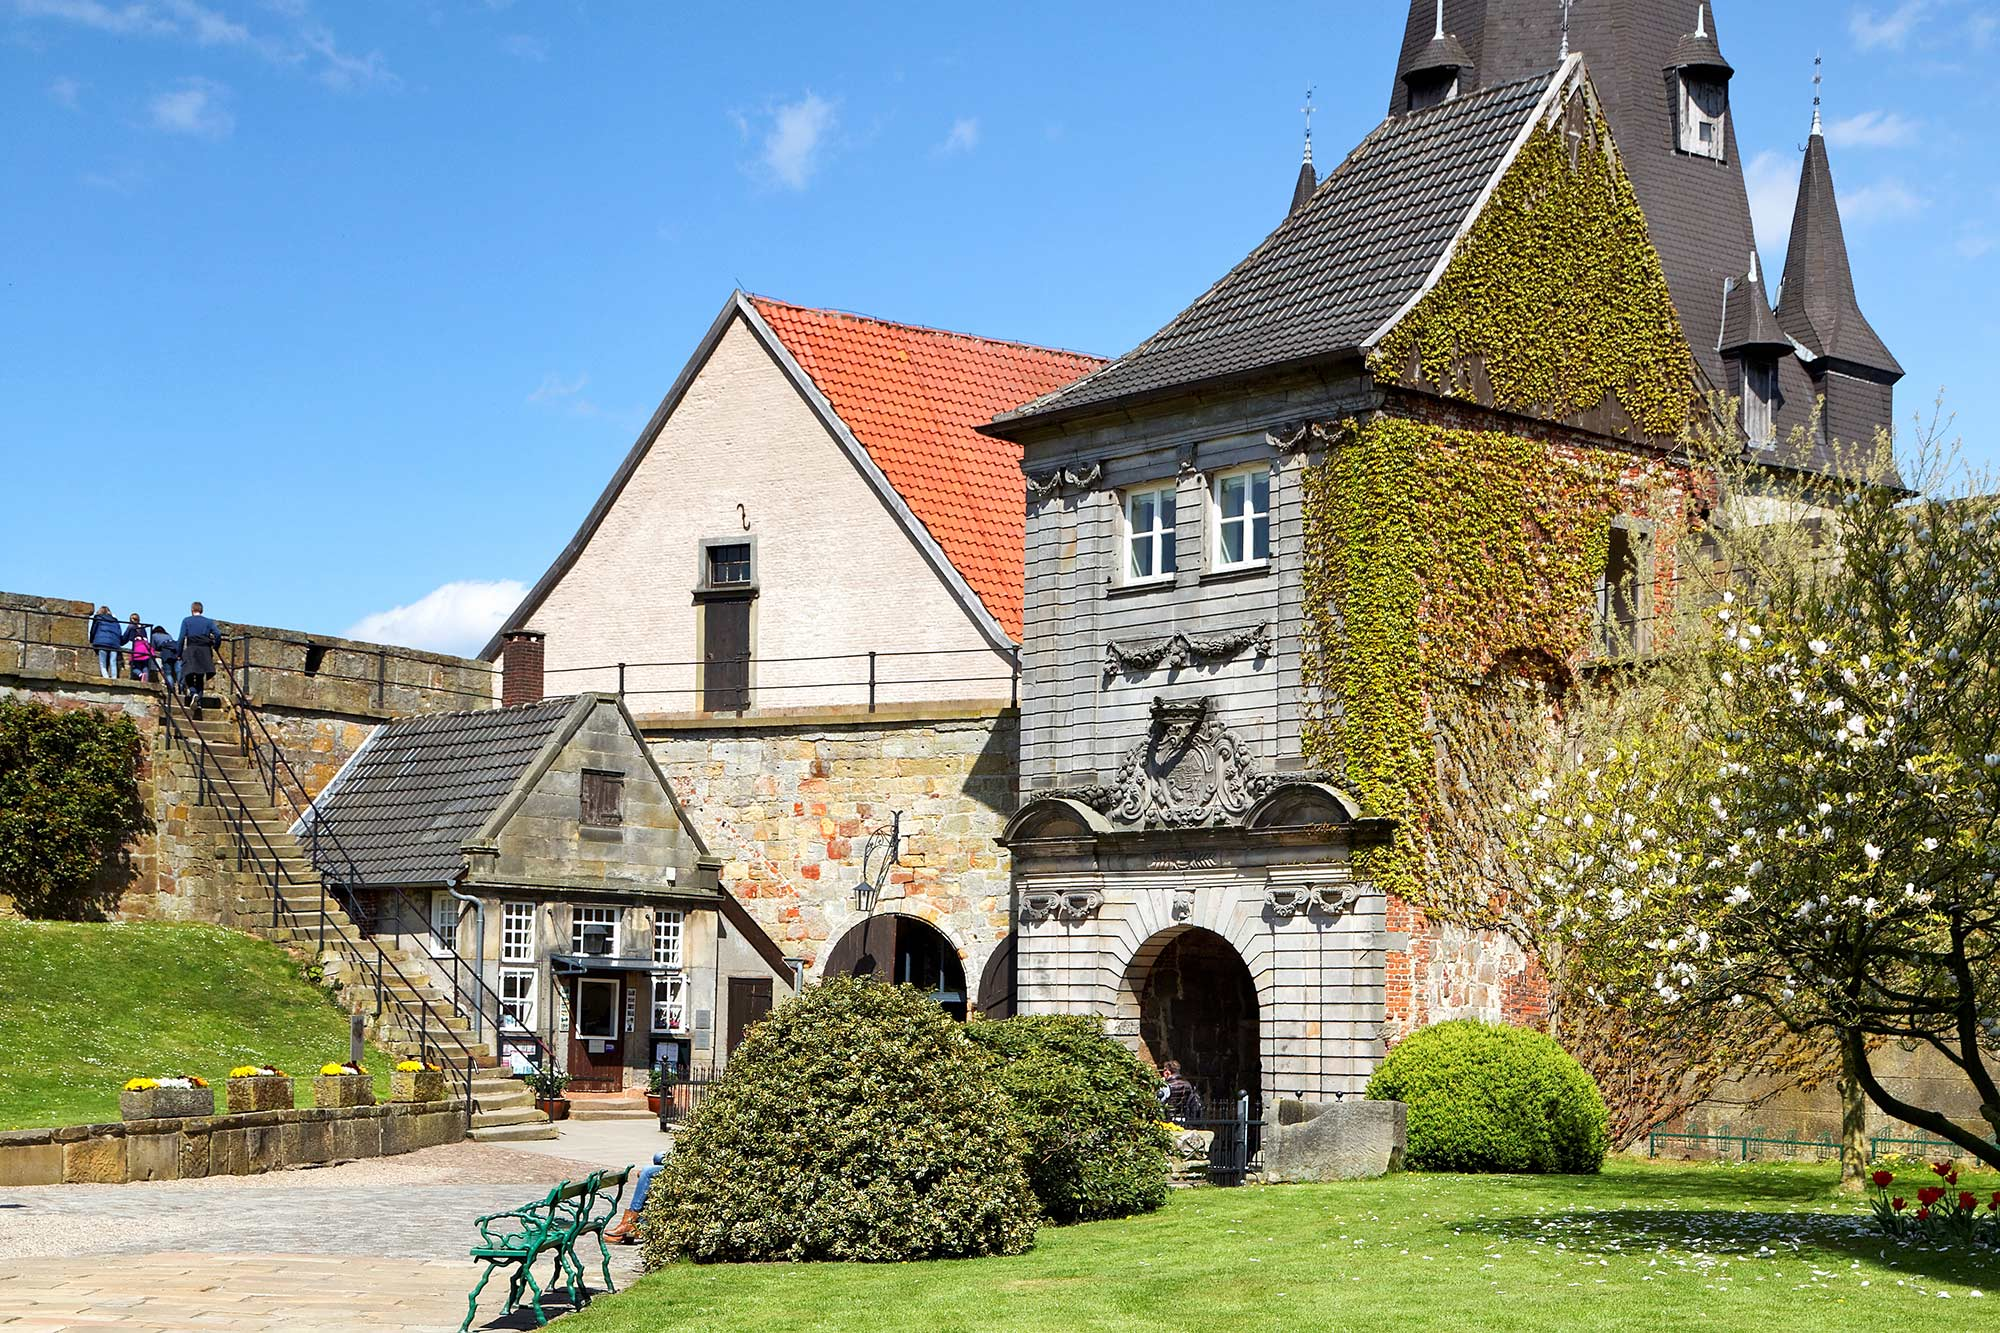 Der Innenhof der Burg Bentheim © Andreas Richter